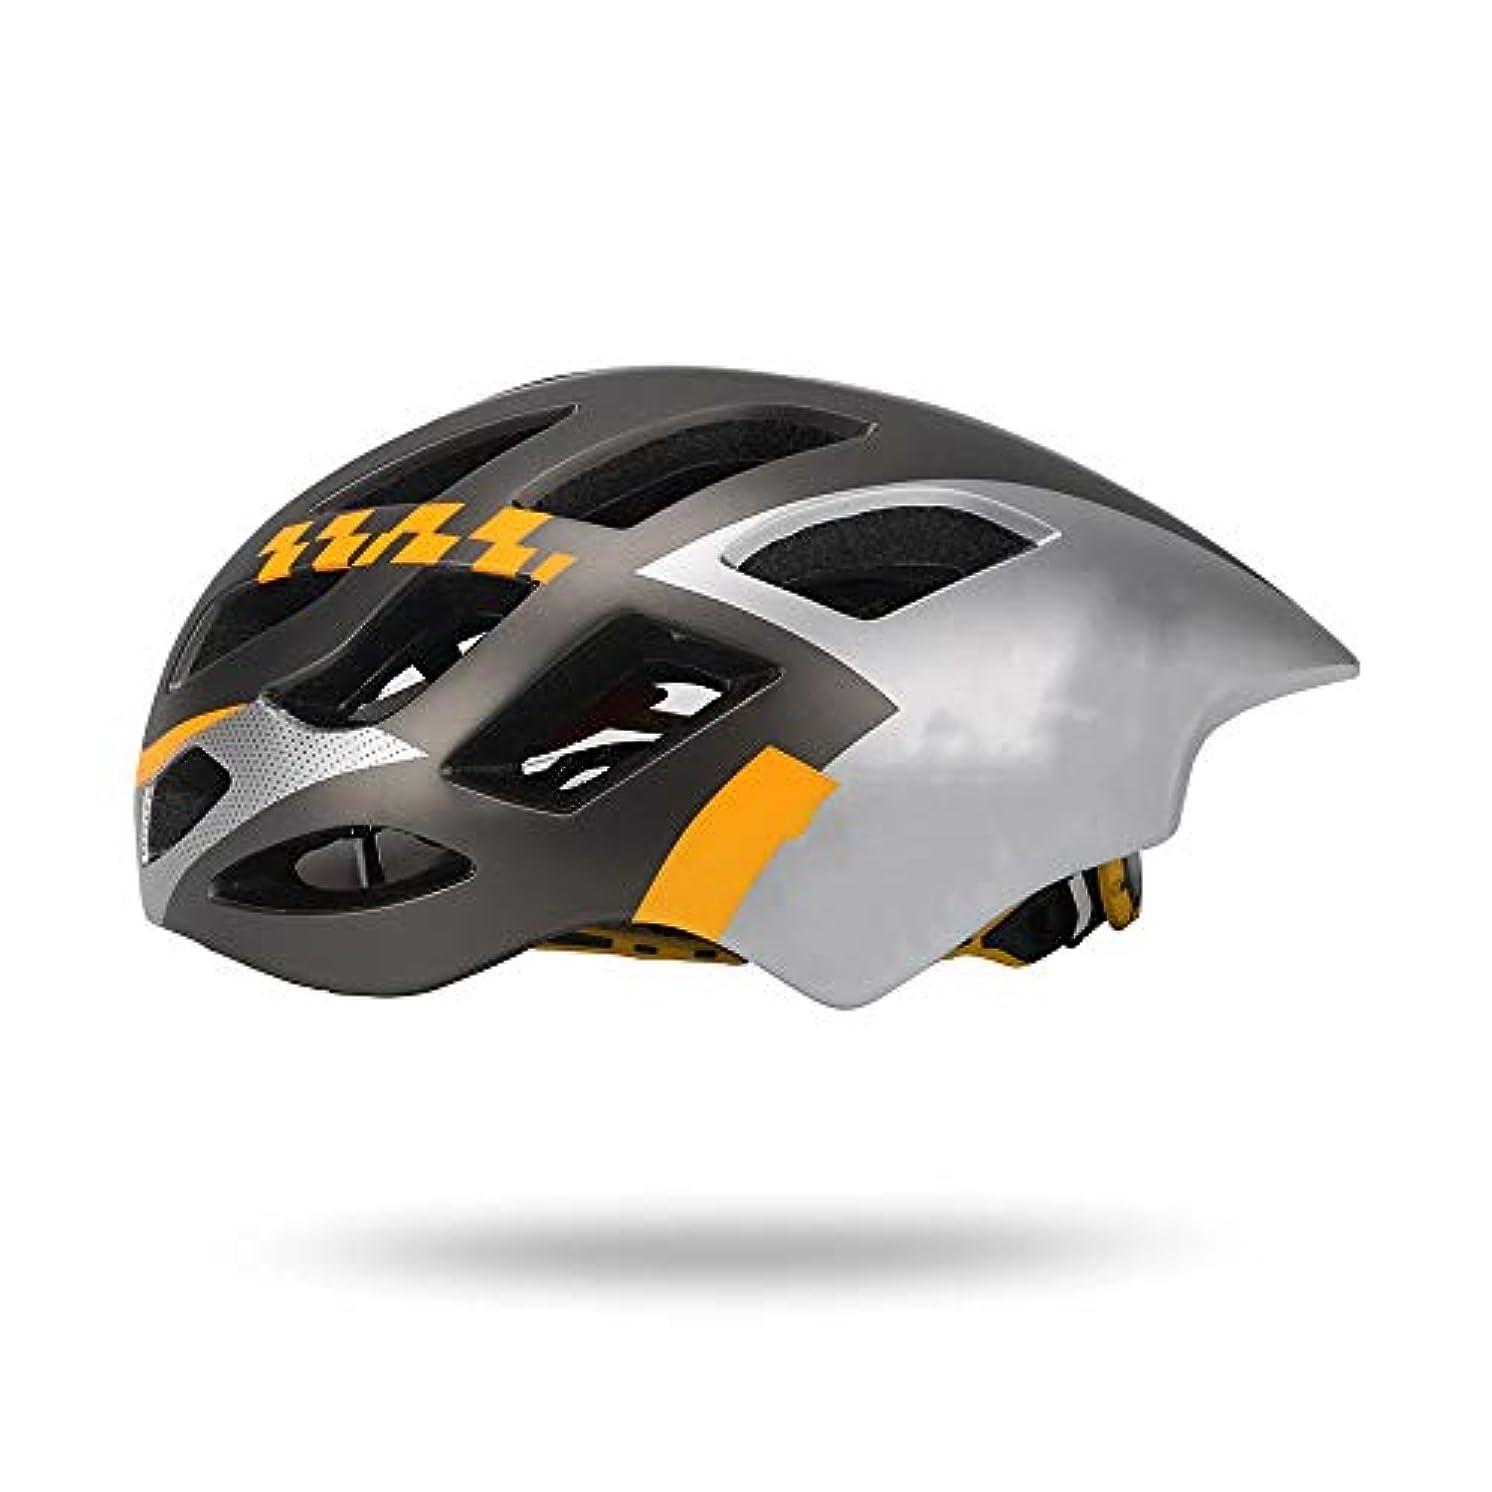 守銭奴科学者わなHYH サイクリングヘルメットスケートヘルメット男性と女性のワンピーススポーツヘルメット快適で いい人生 (色 : Silver)